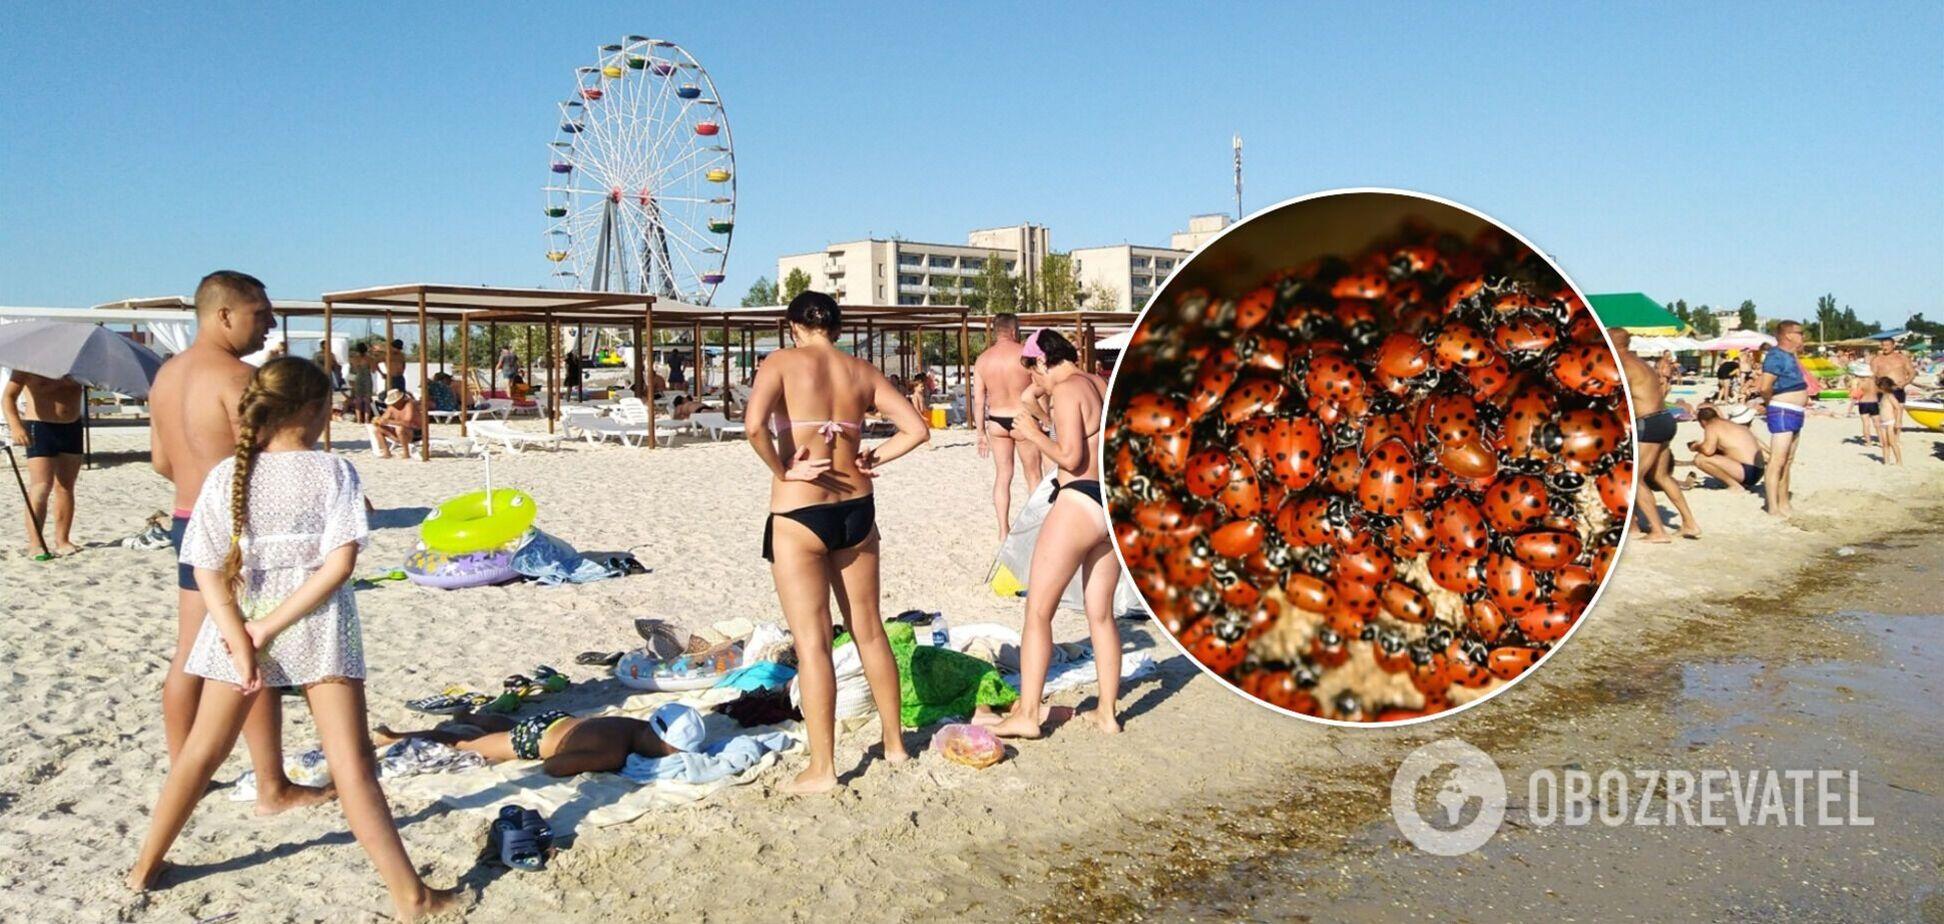 Морские курорты в Украине заполонили божьи коровки: туристы жалуются на испорченный отдых